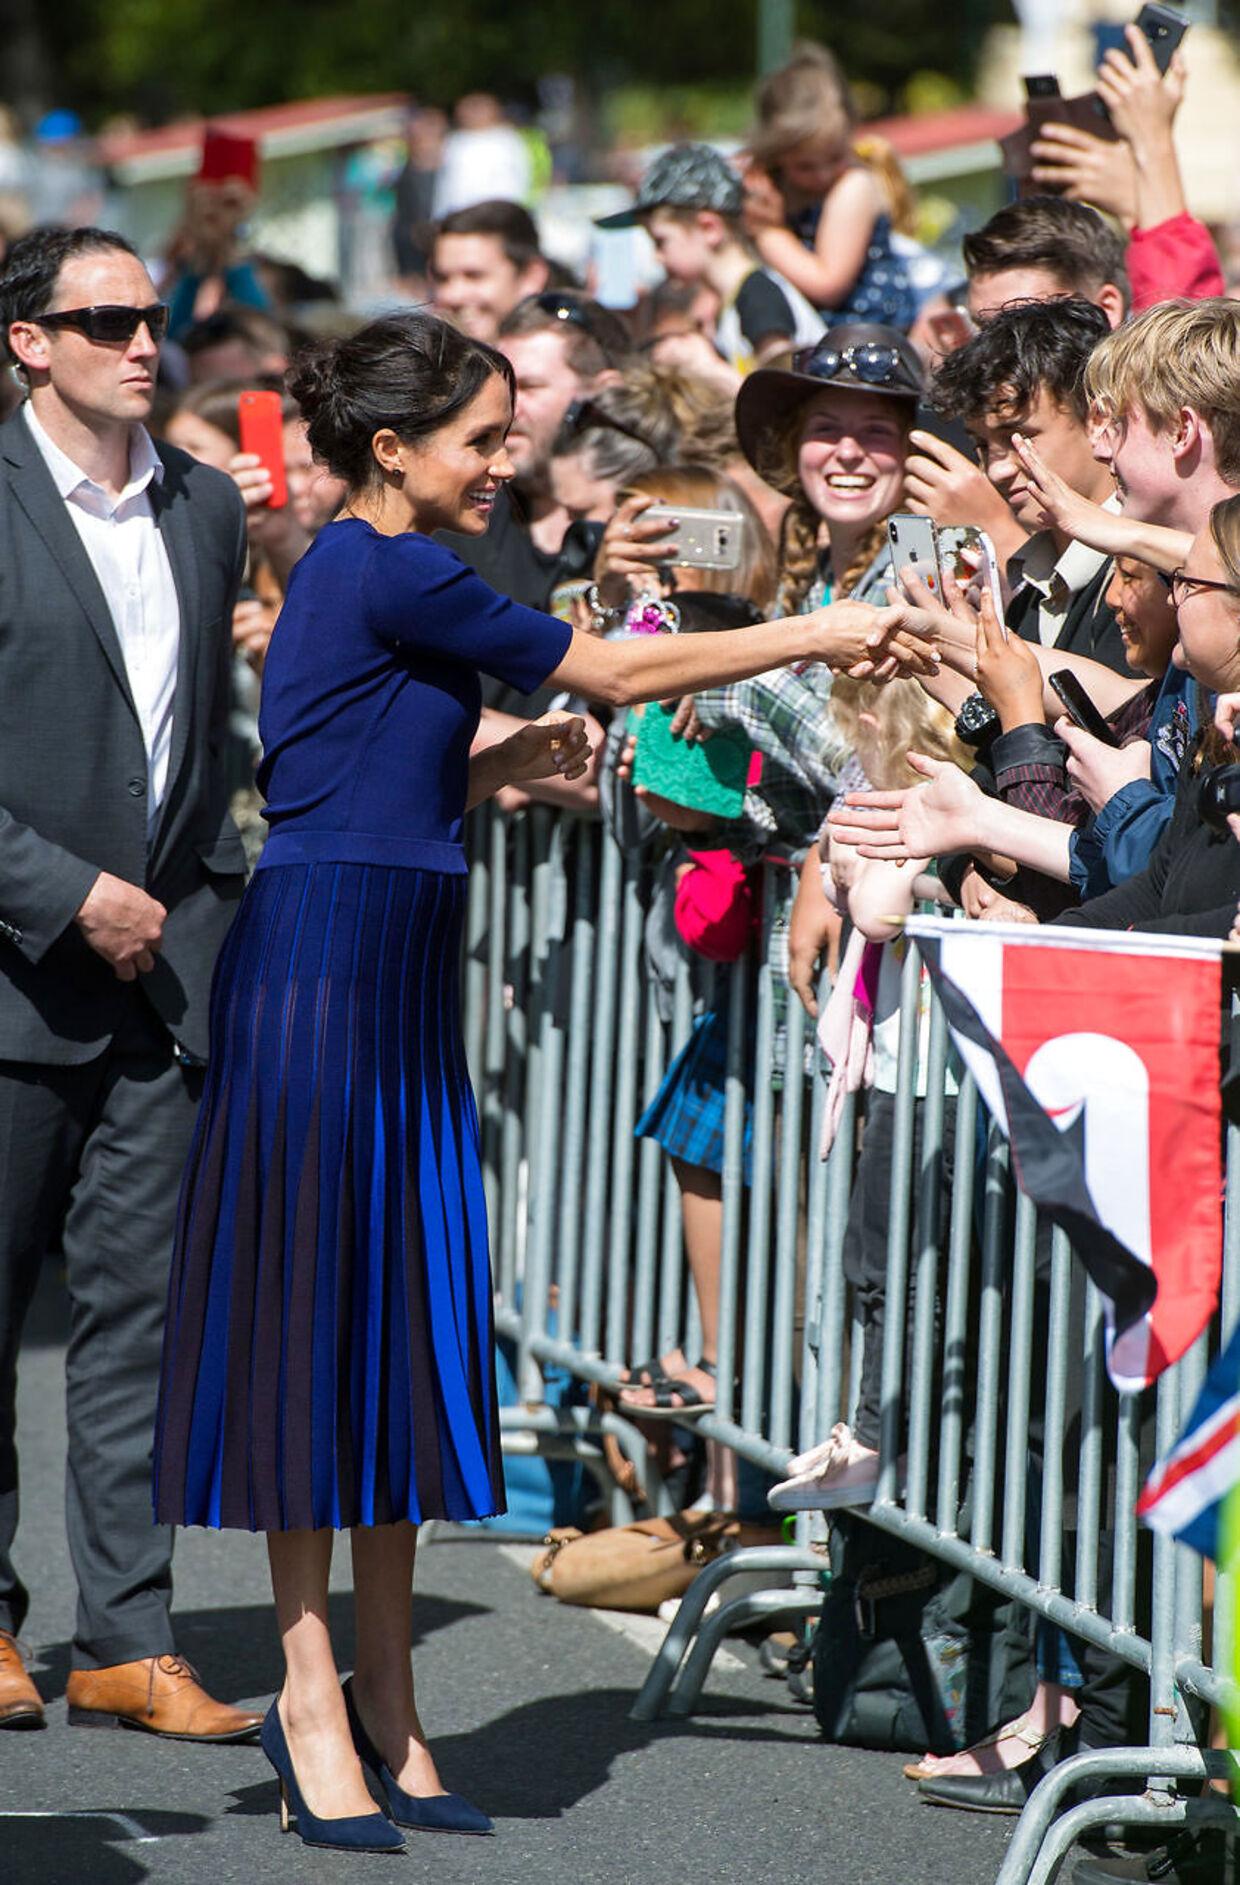 Meghan Markle er ved at finde sig til rette i sin nye rolle som hertuginde. Her hilser hun på folket under besøget i New Zealand. Foto Dominic Lipinski.